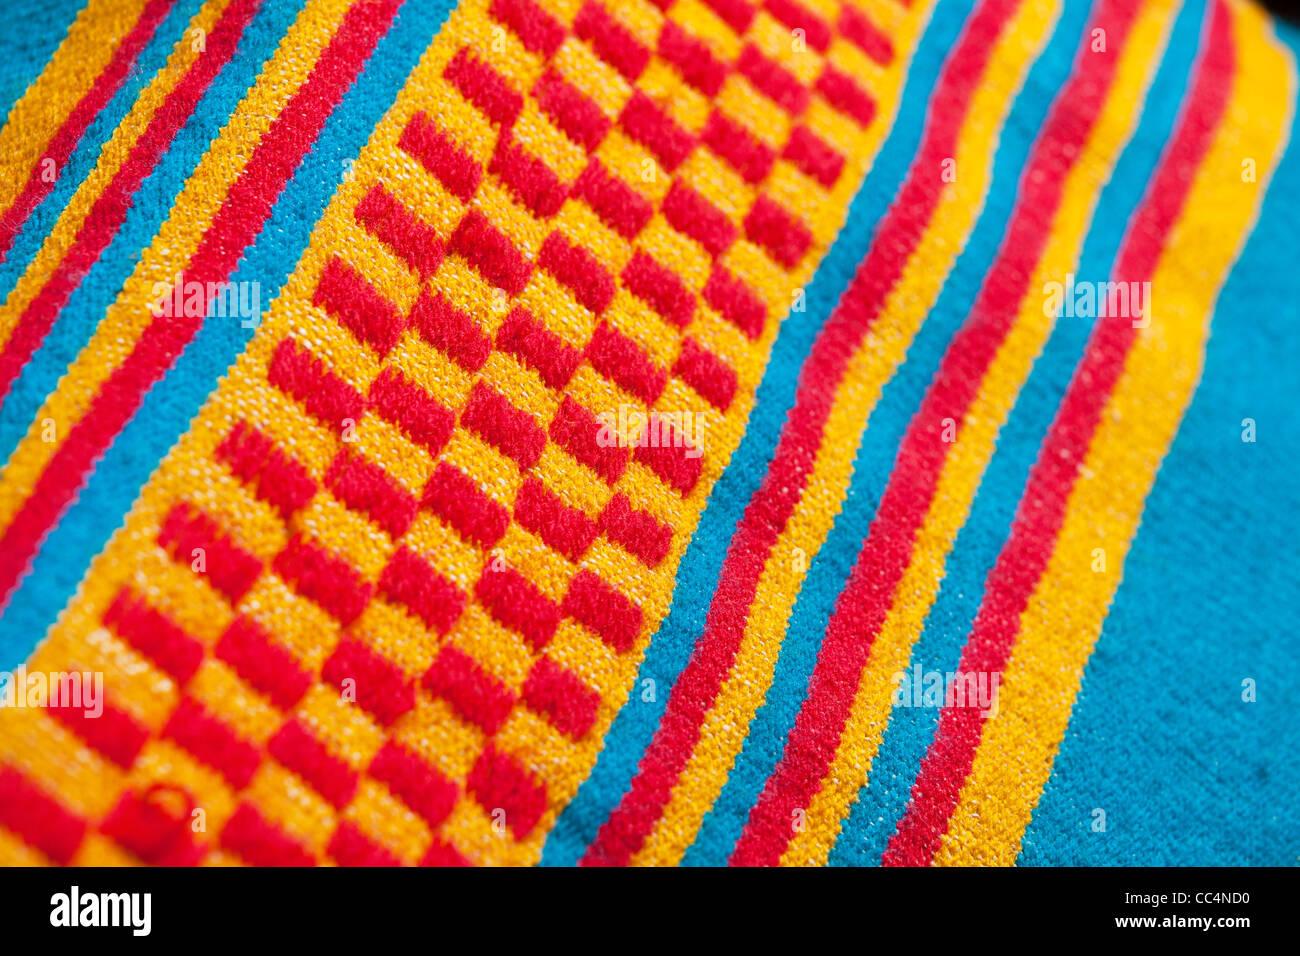 African Textiles Stock Photos & African Textiles Stock Images - Alamy